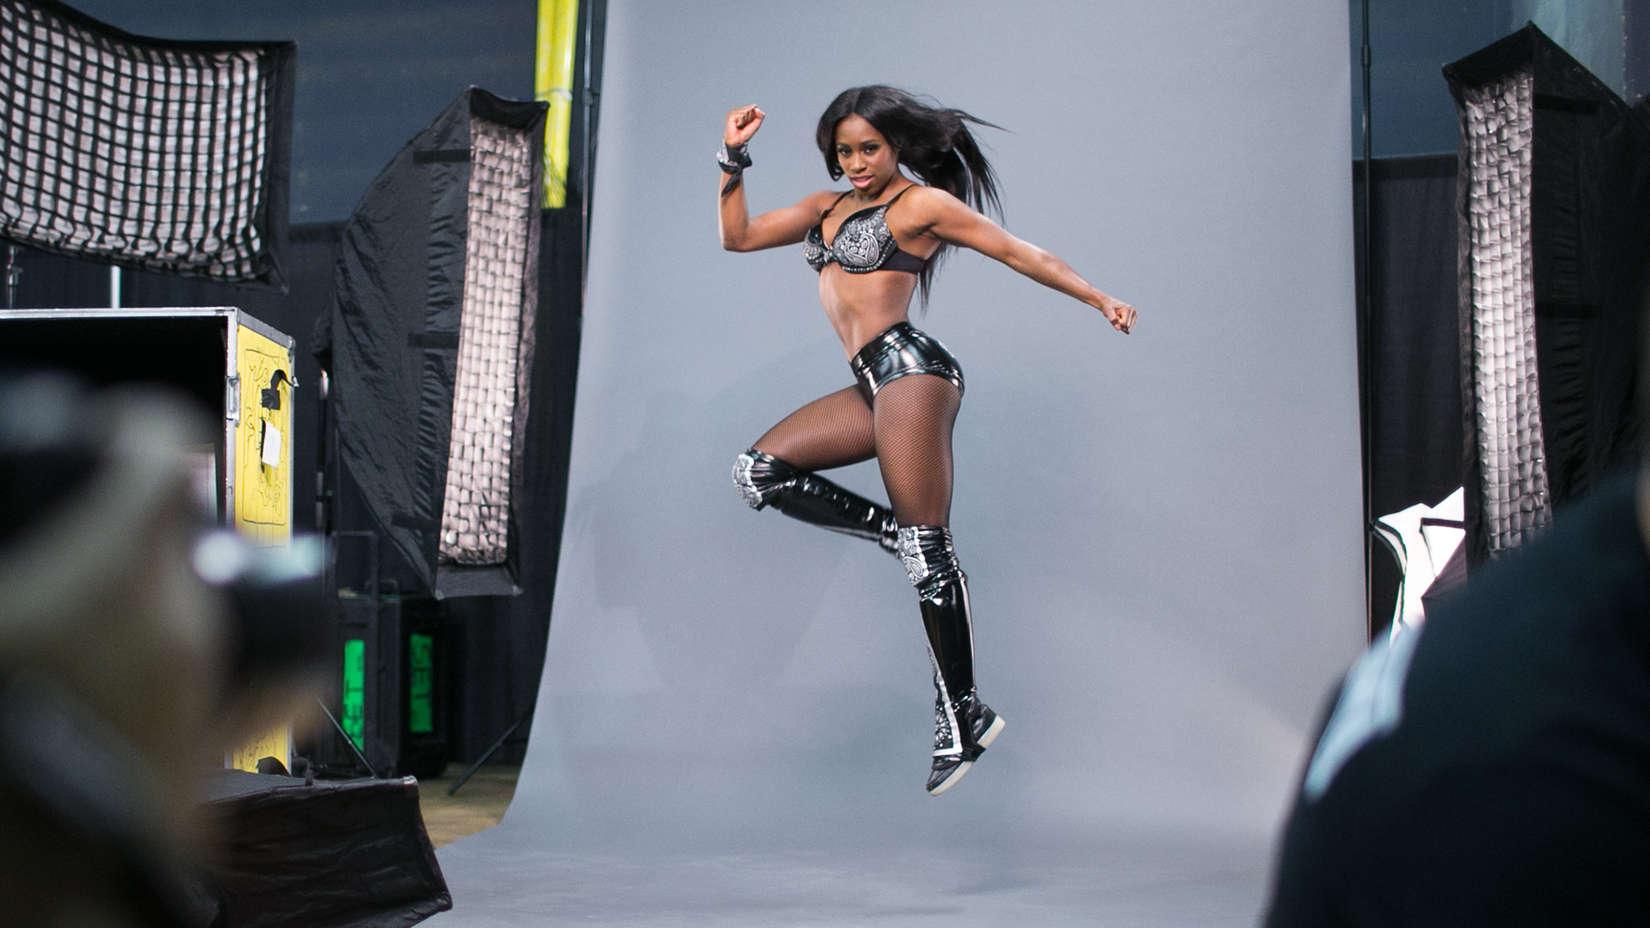 WWE Divas Photoshoot Outtakes